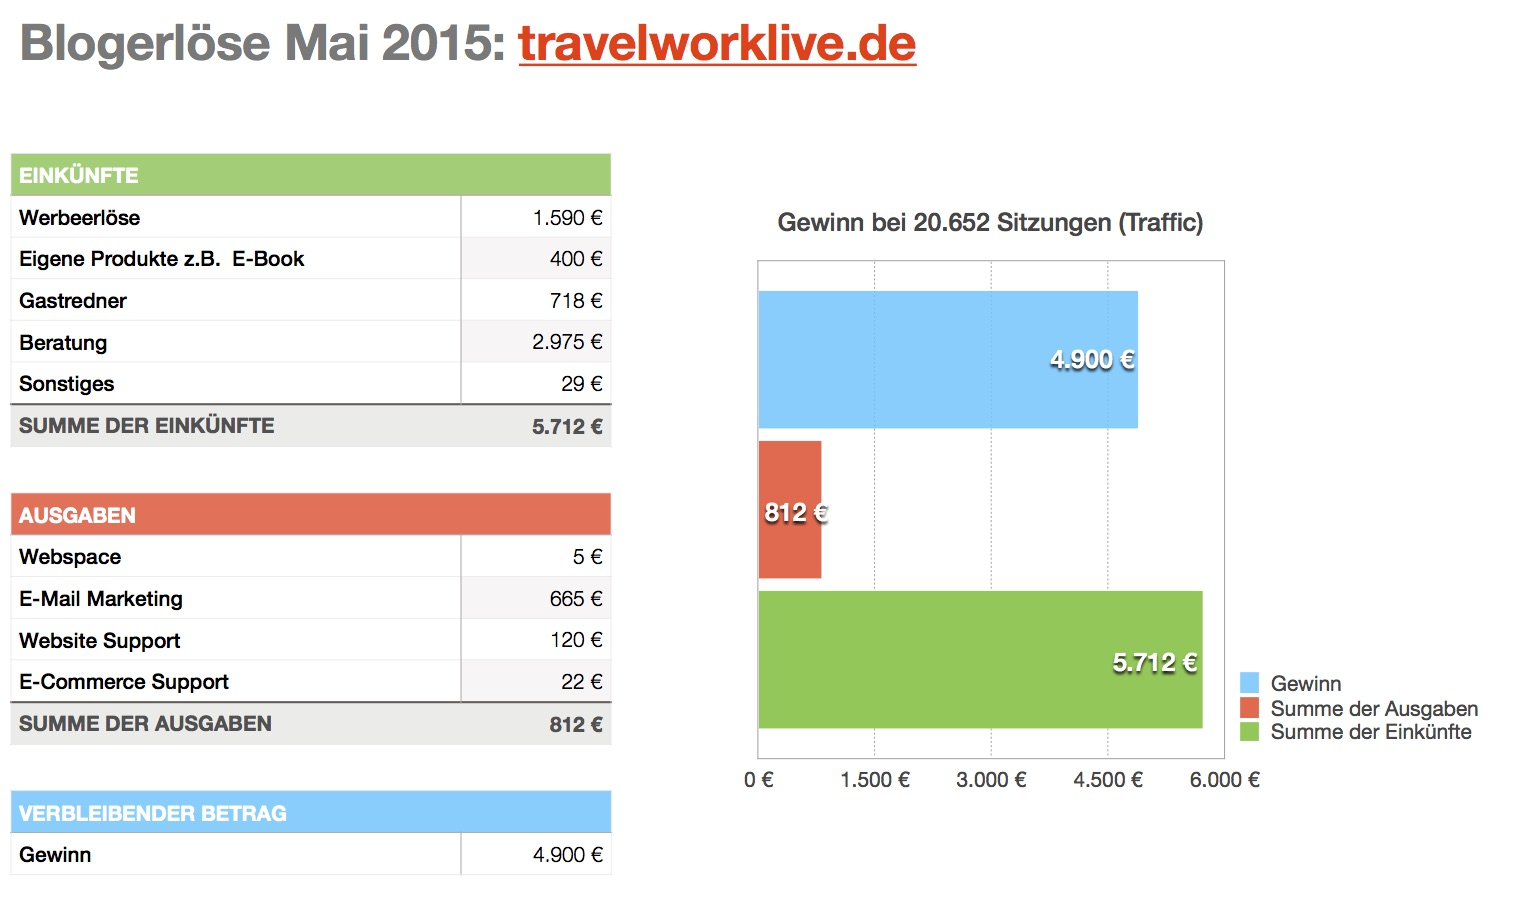 Abbildung 5 Quelle: eigene Darstellung nach http://travelworklive.de/blog-geld-verdienen/; Zugriff: 25.06.2016